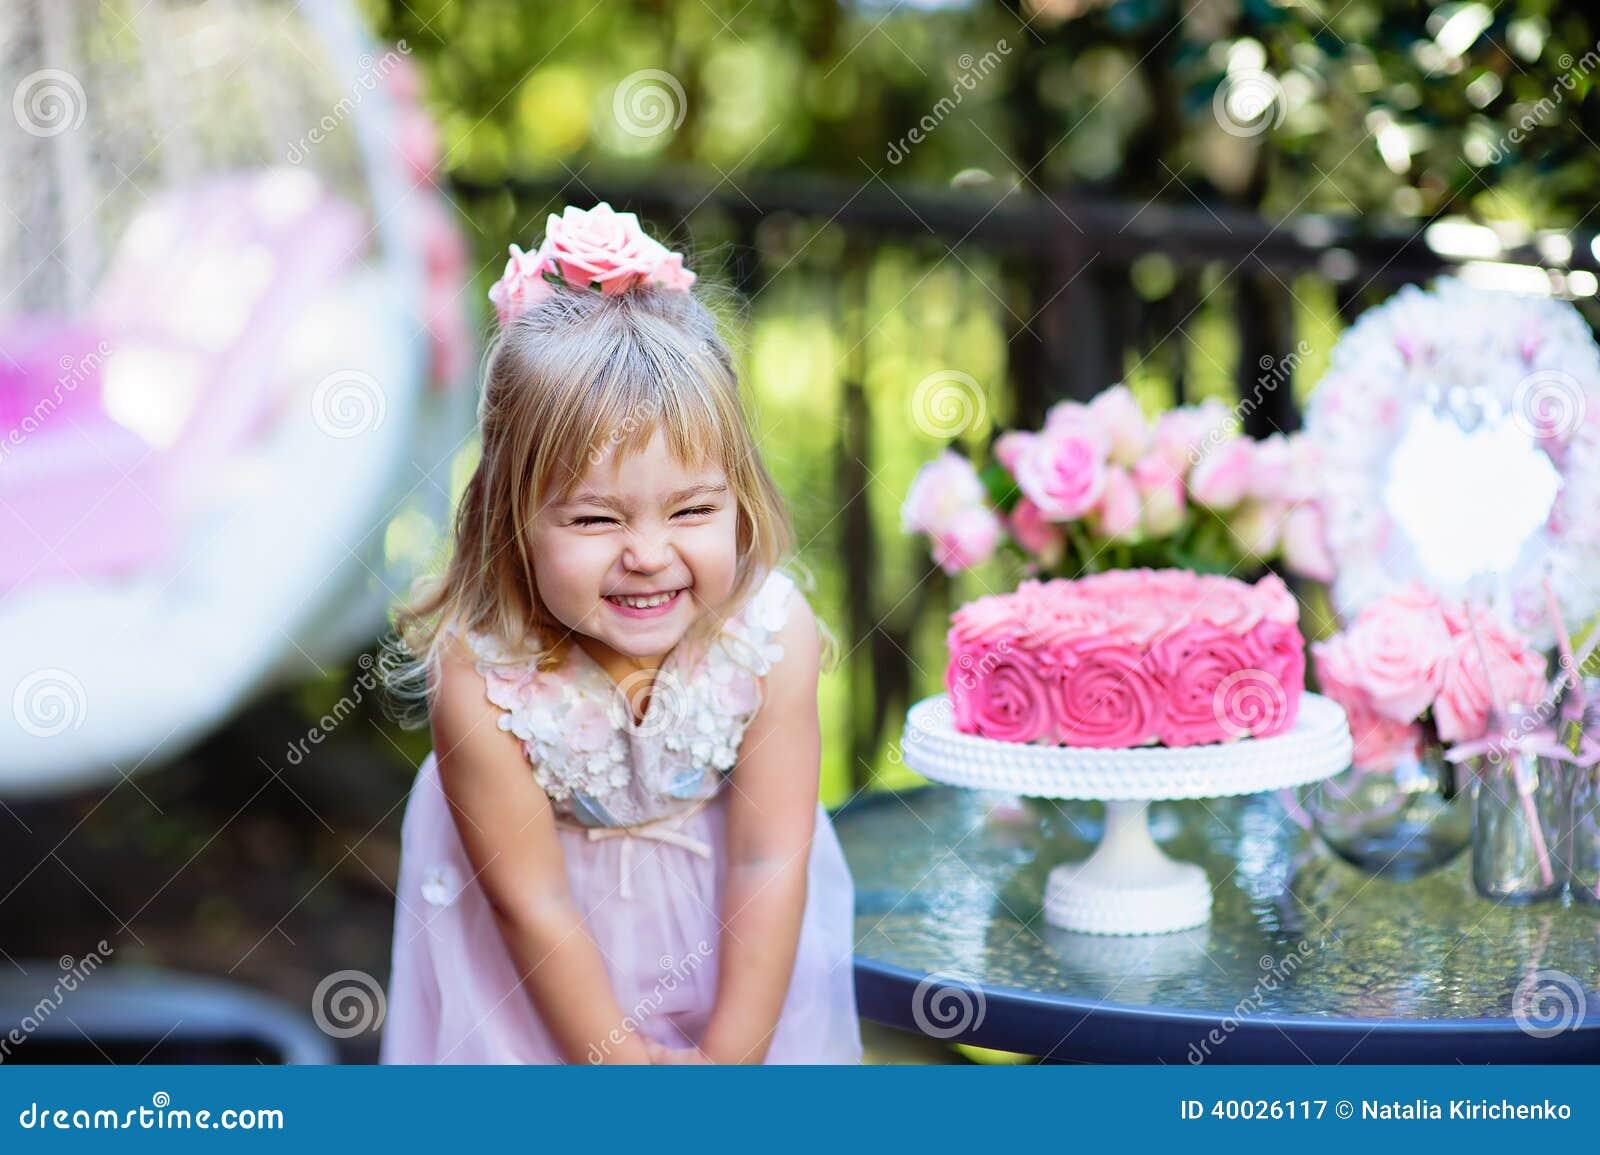 Το μικρό κορίτσι γιορτάζει χρόνια πολλά το κόμμα με ροδαλό υπαίθριο